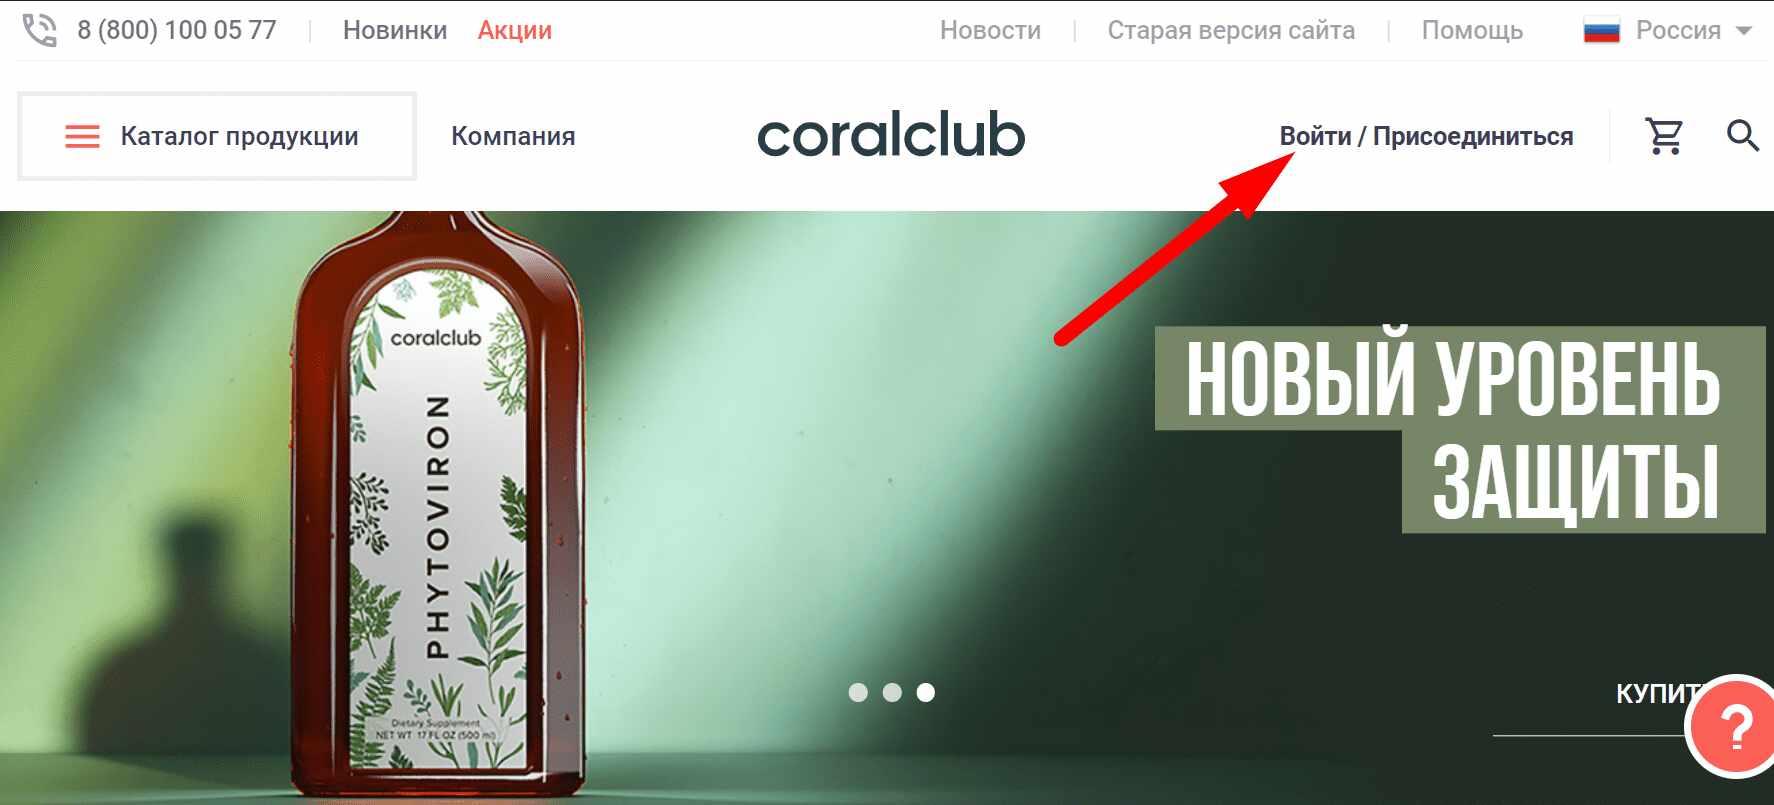 Официальный сайт компании «Кораловый Клуб»